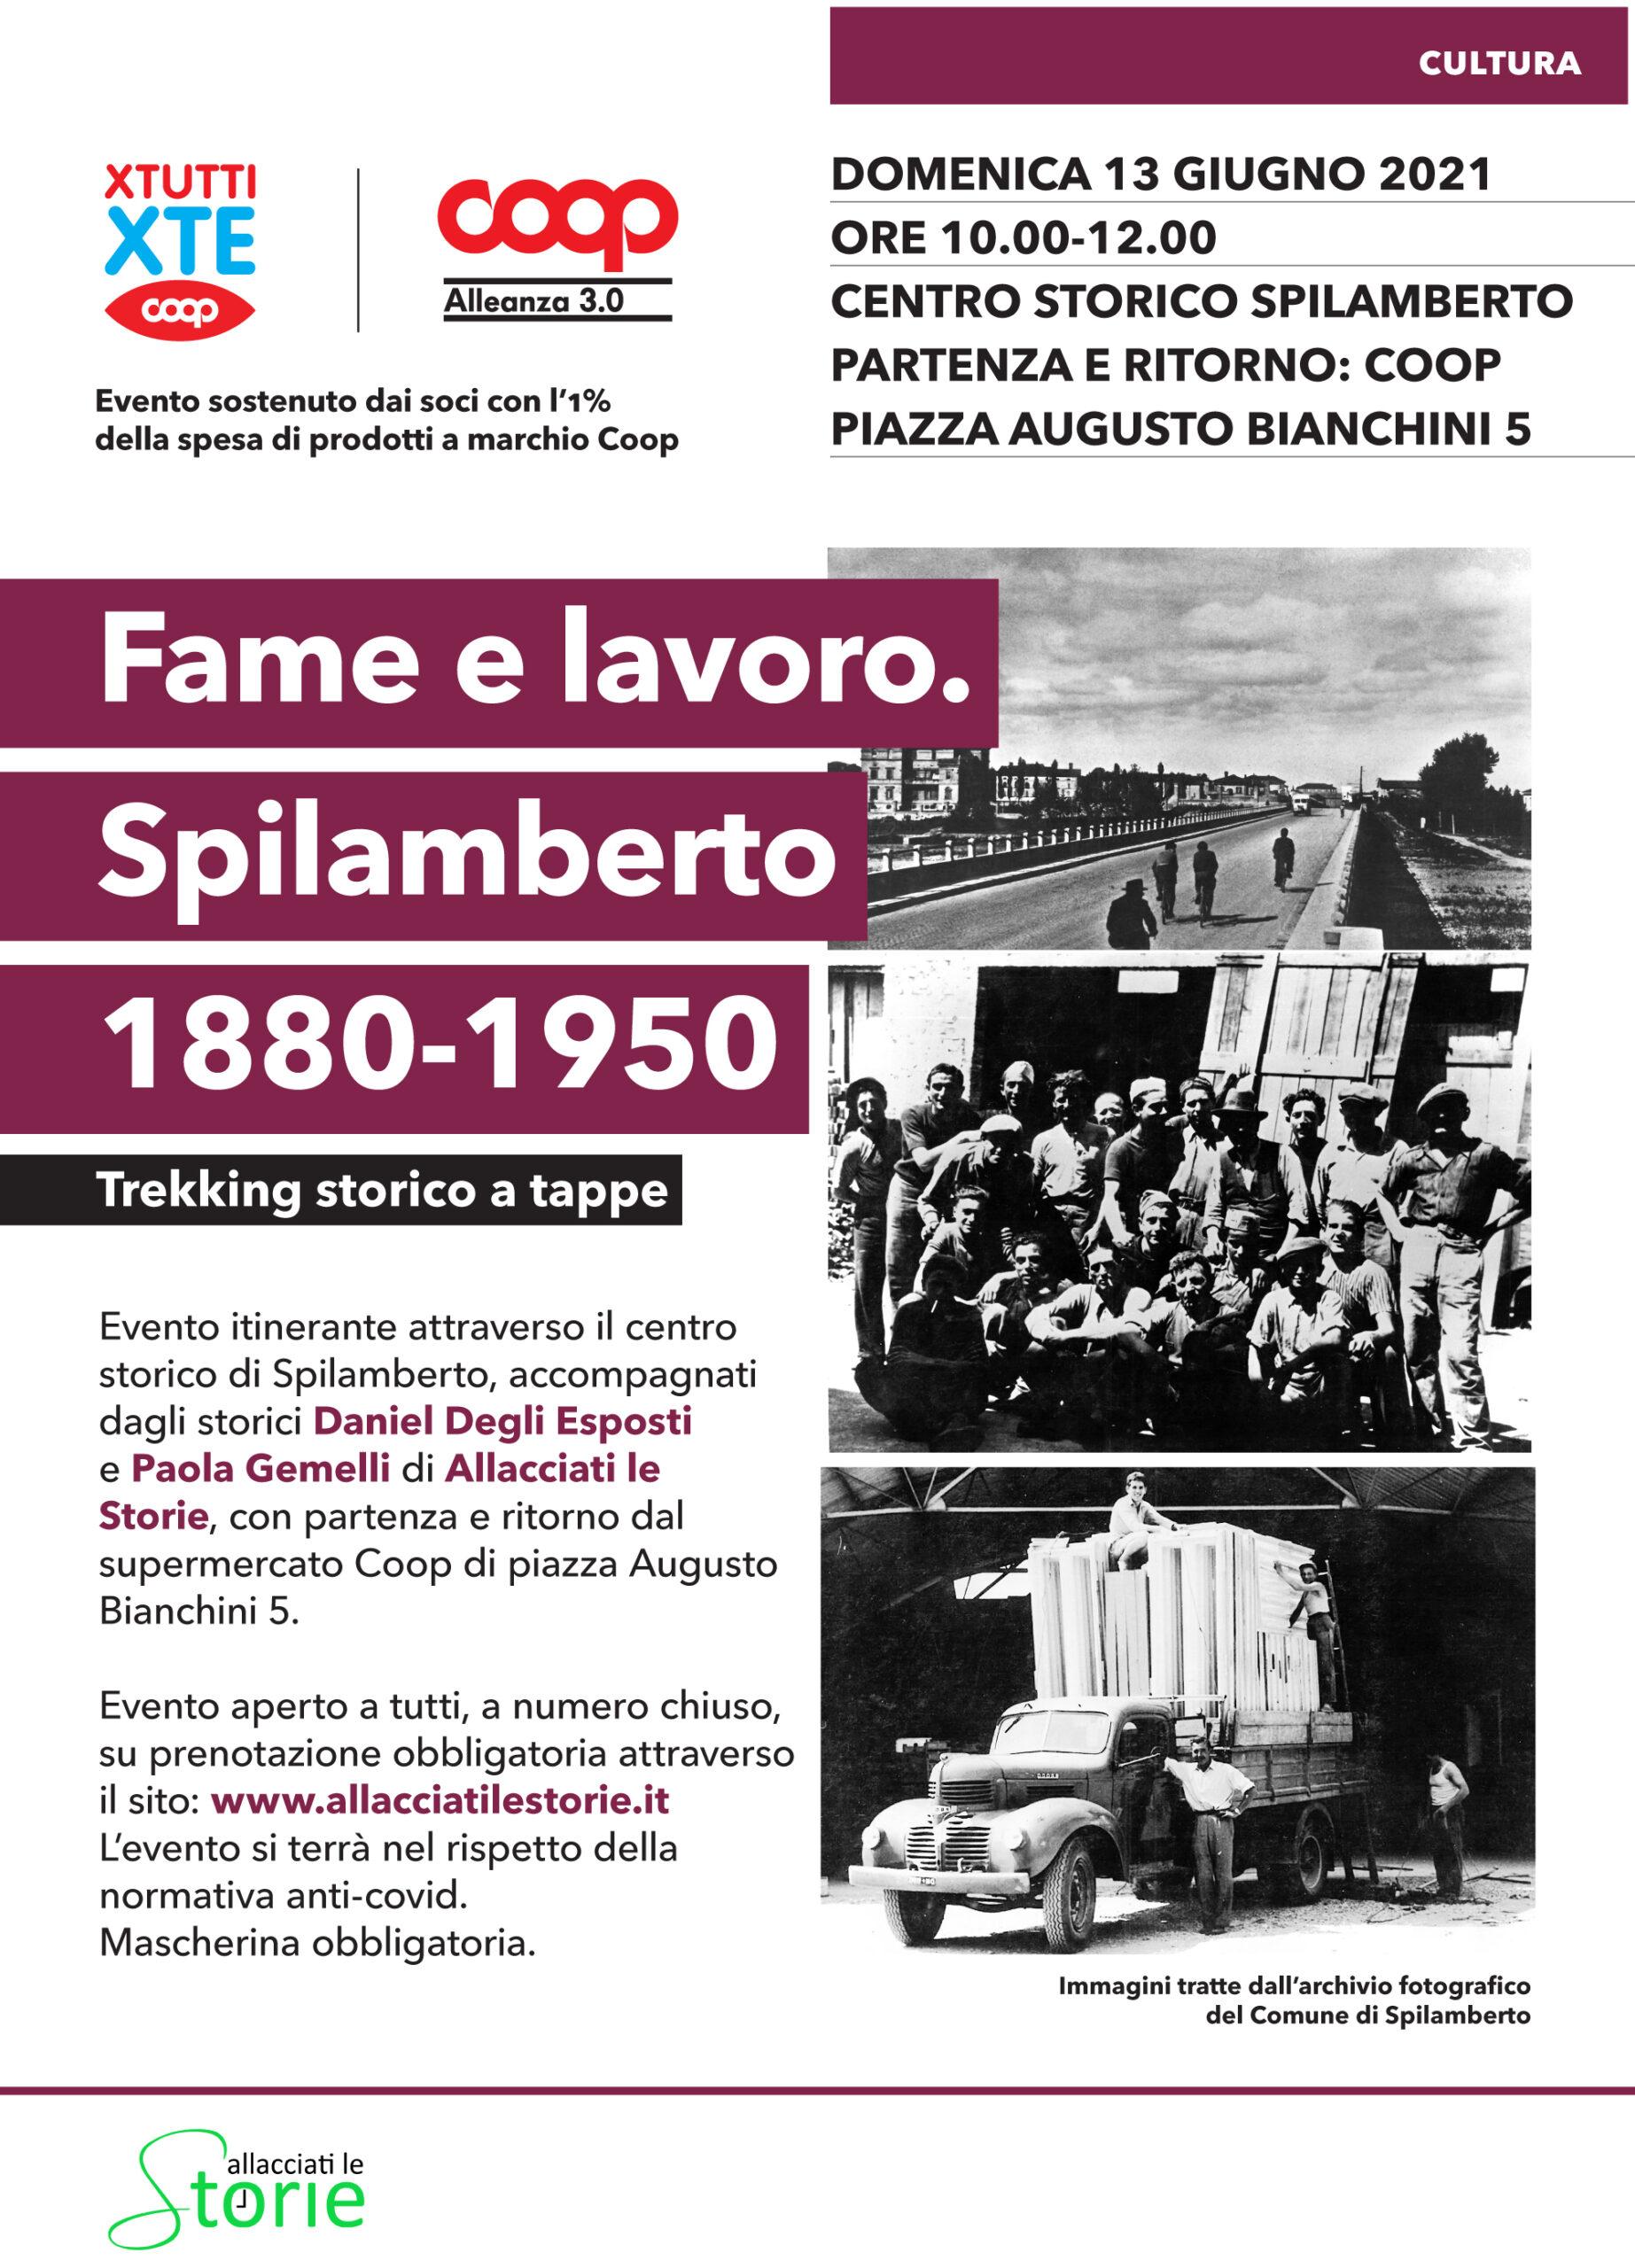 Locandina dell'evento sulla storia della cooperazione a Spilamberto